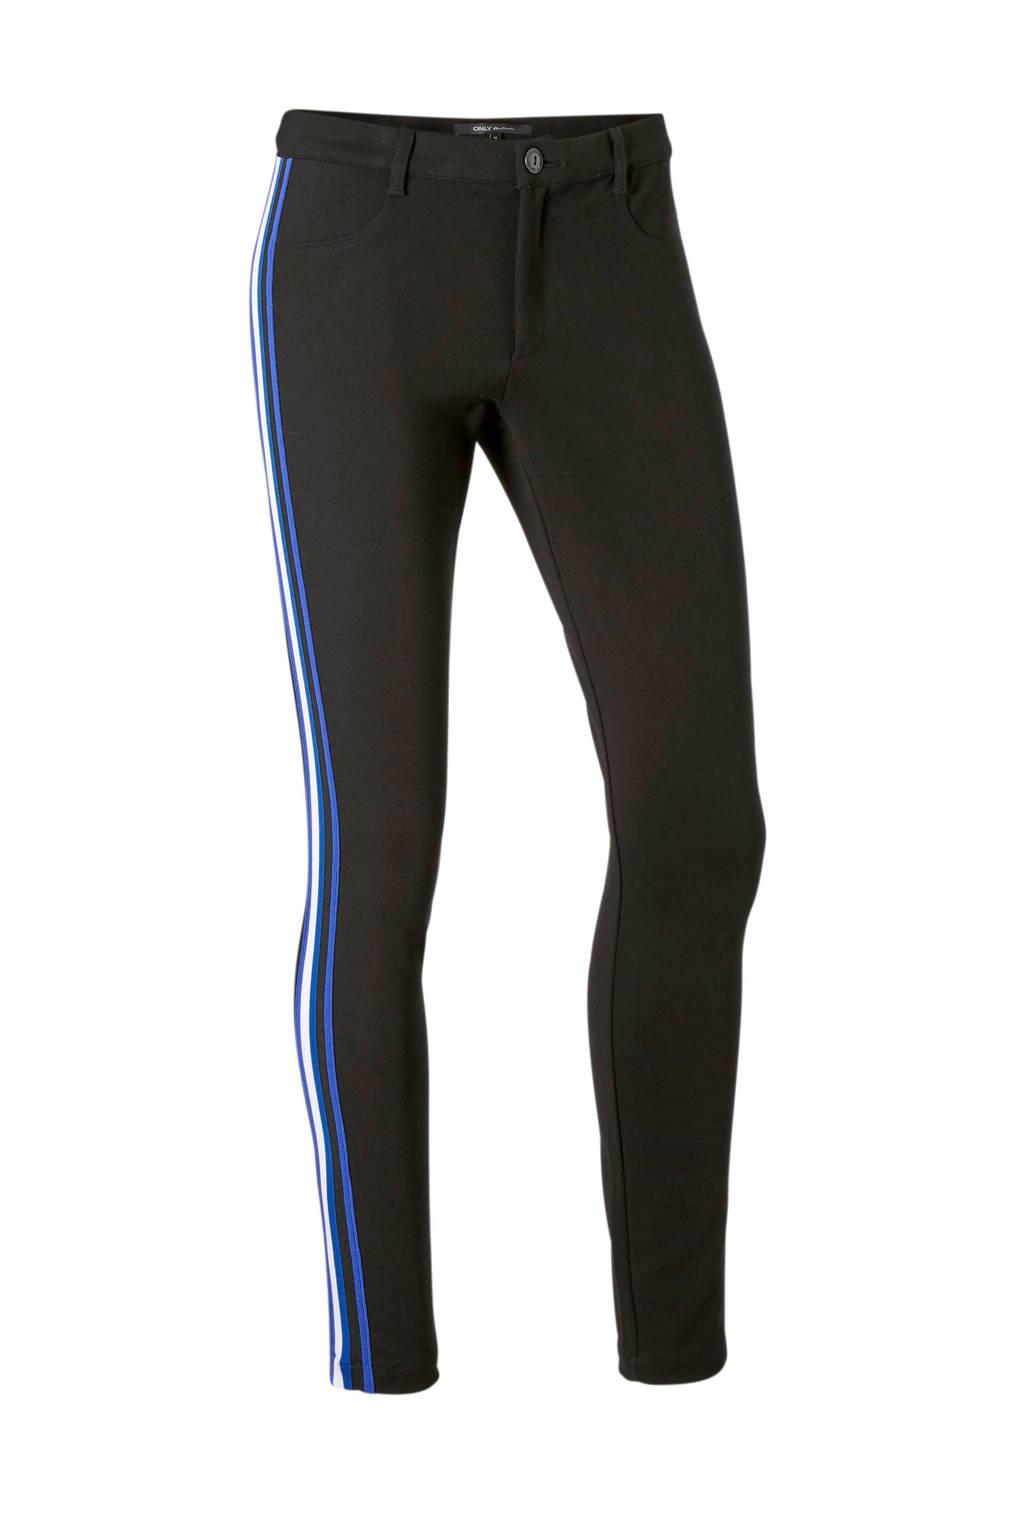 ONLY broek met gekleurde zij strepen, Zwart/blauw/wit